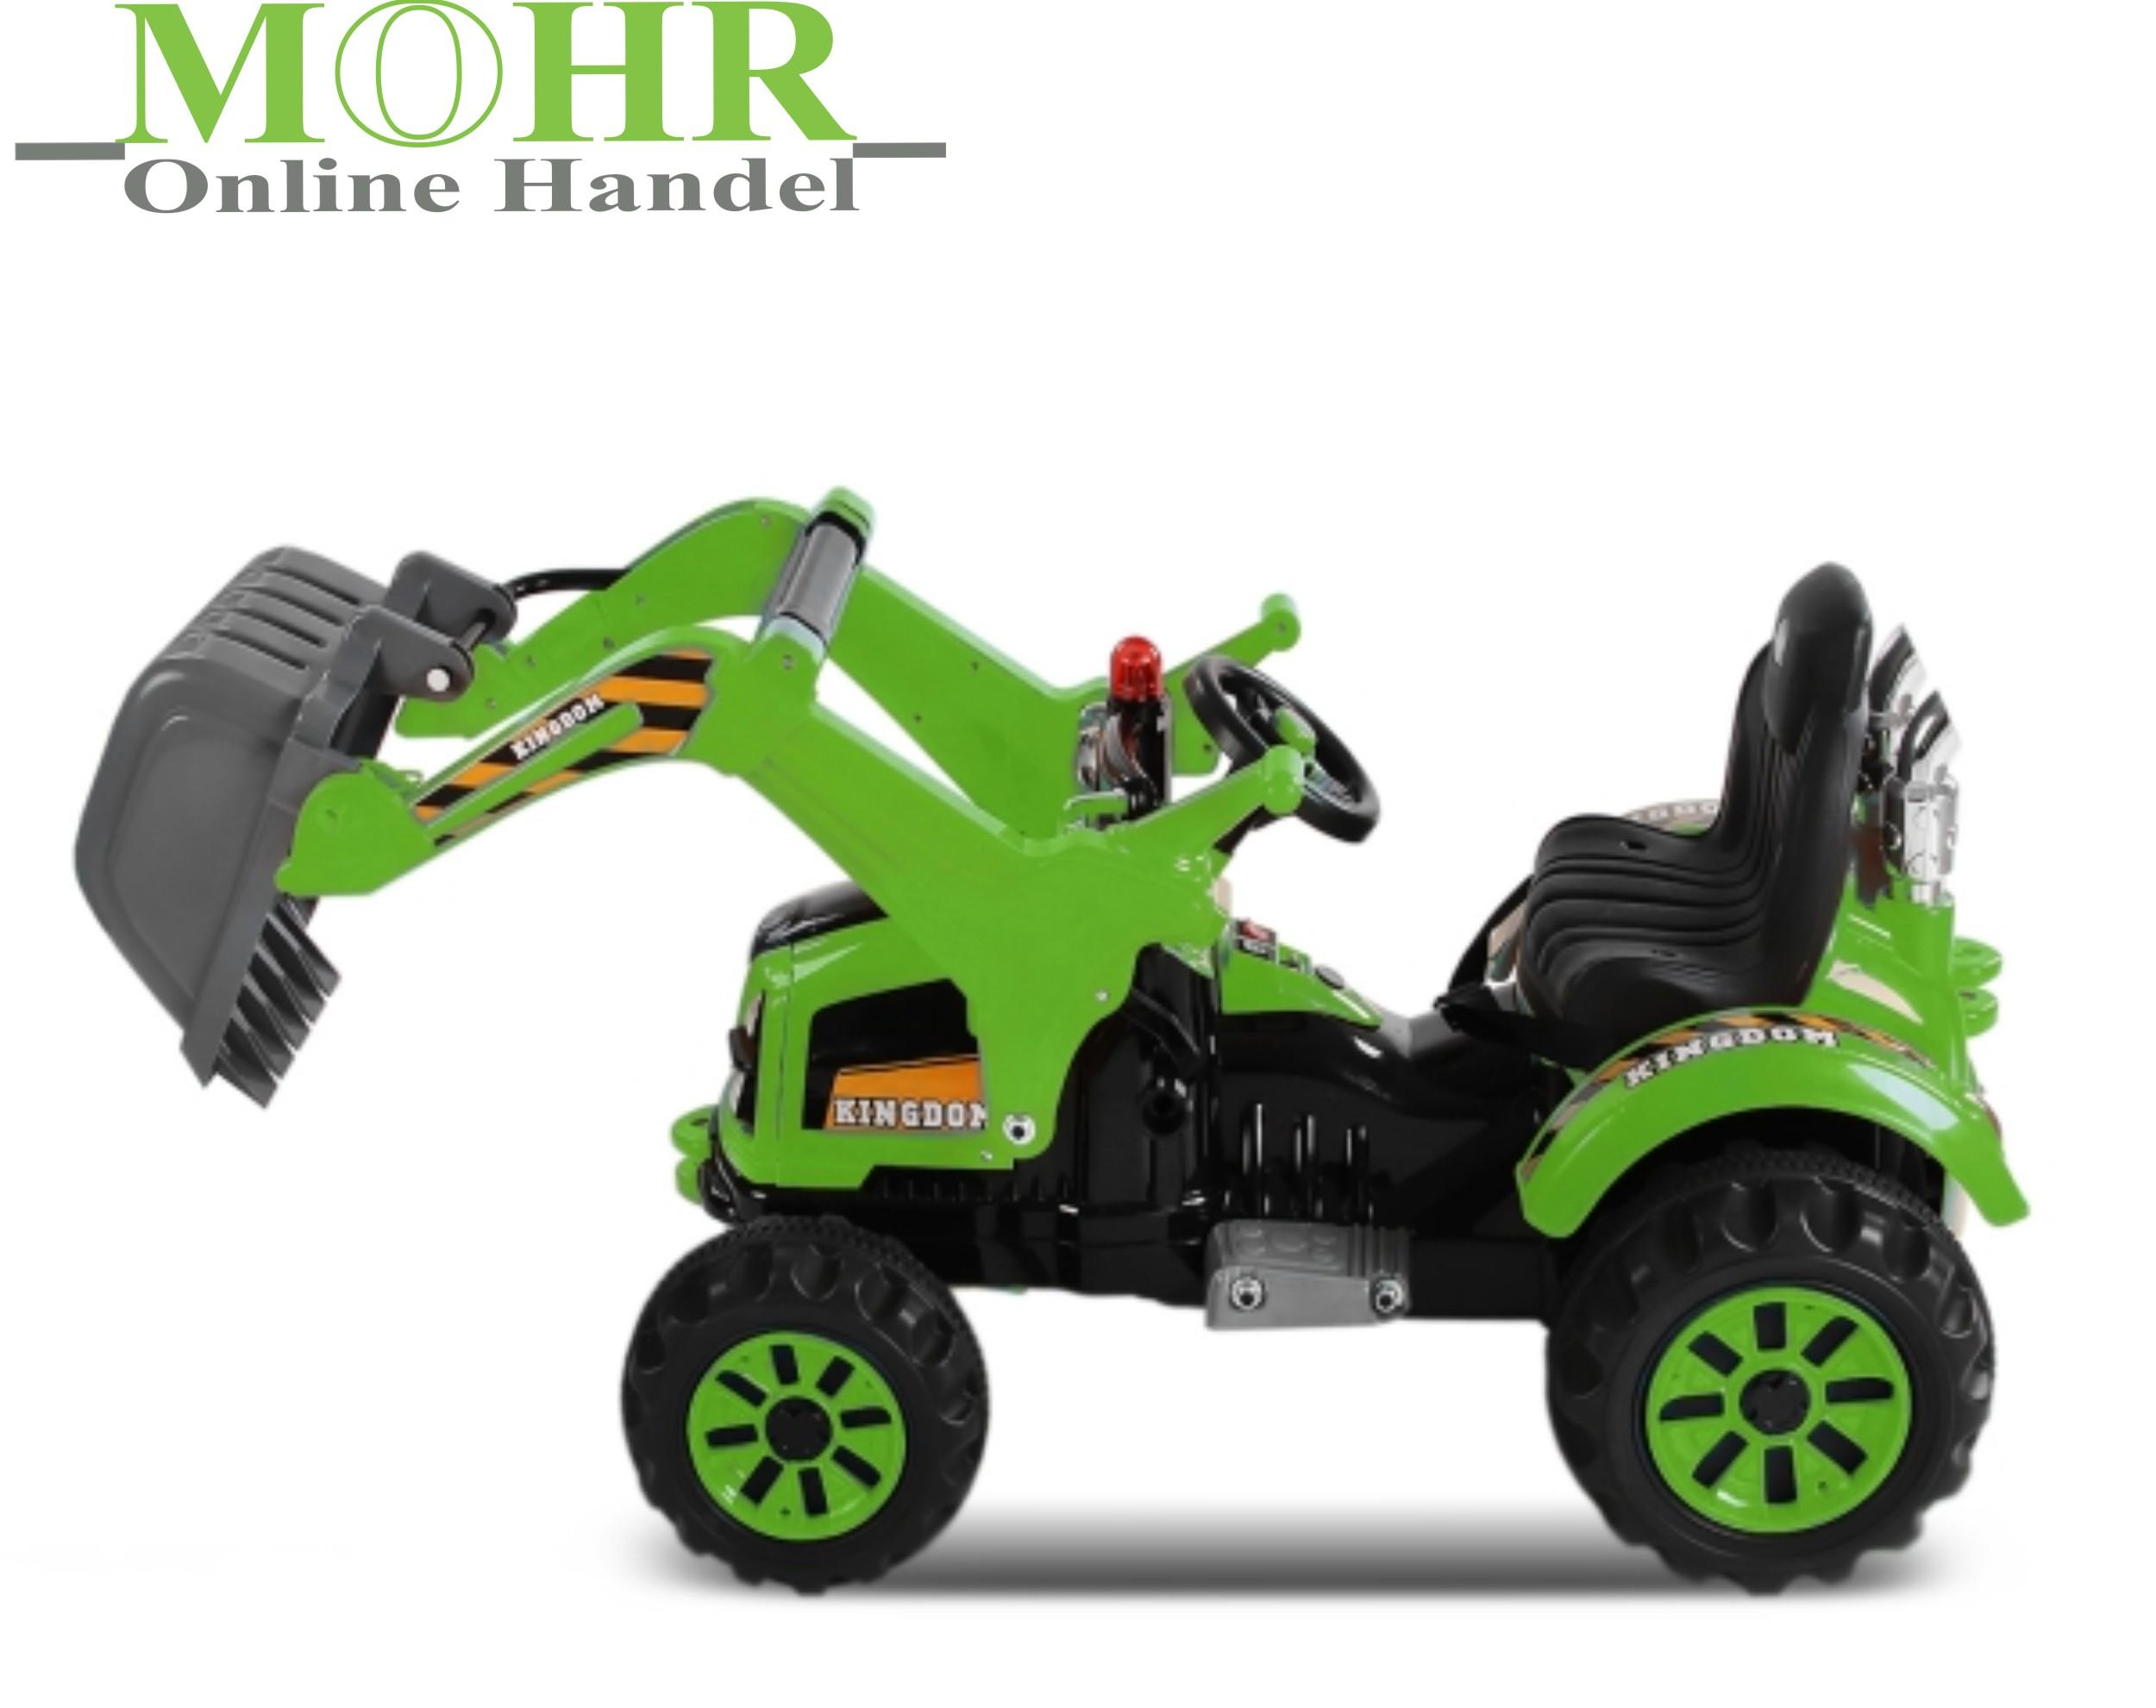 mohr onlinehandel - kinderbagger elektrobagger bagger v12 | 2x30w